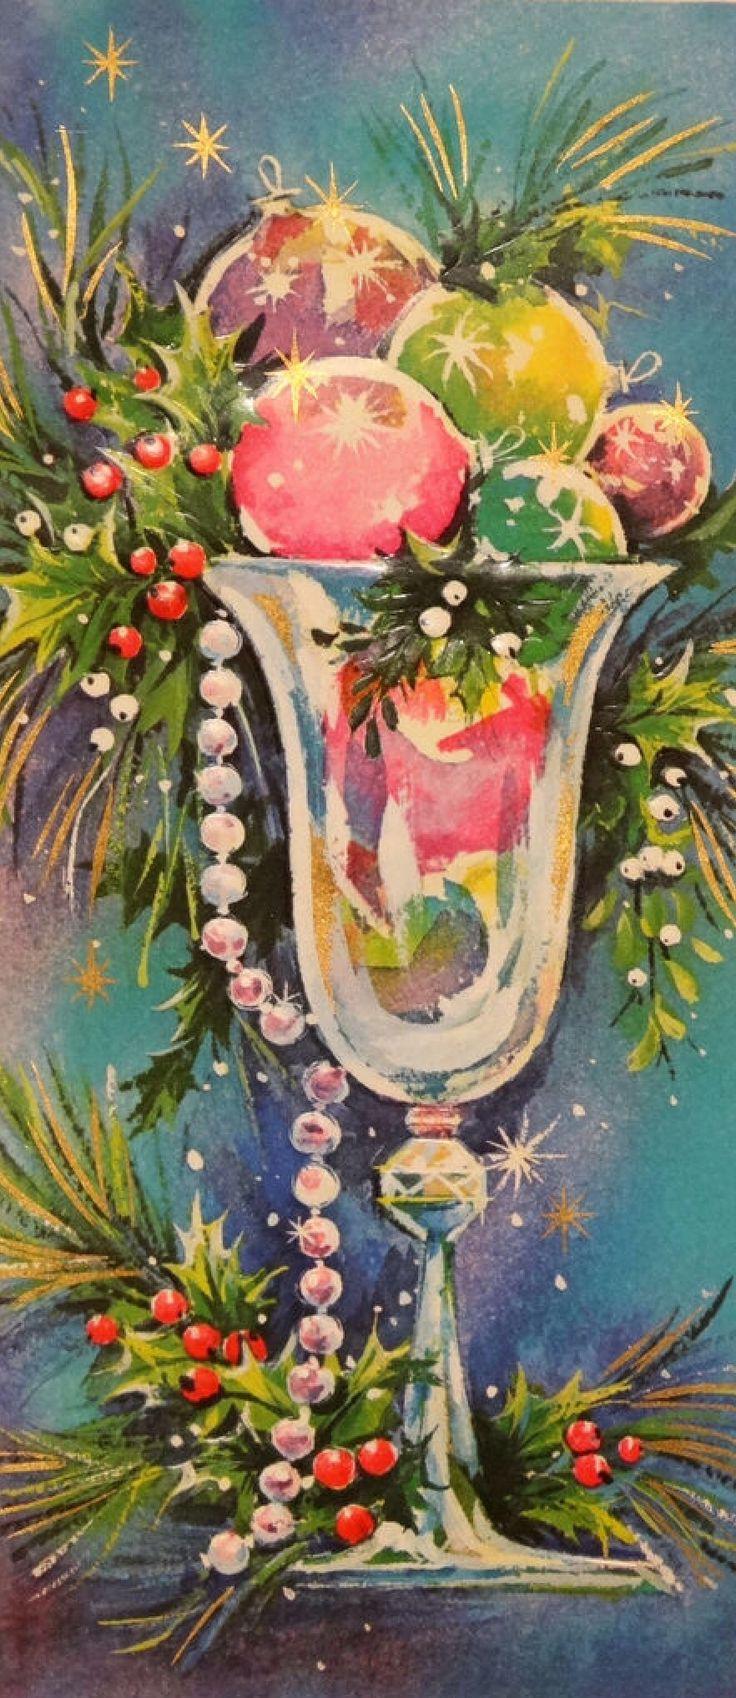 Vintage Christmas card  So pretty! Aj.